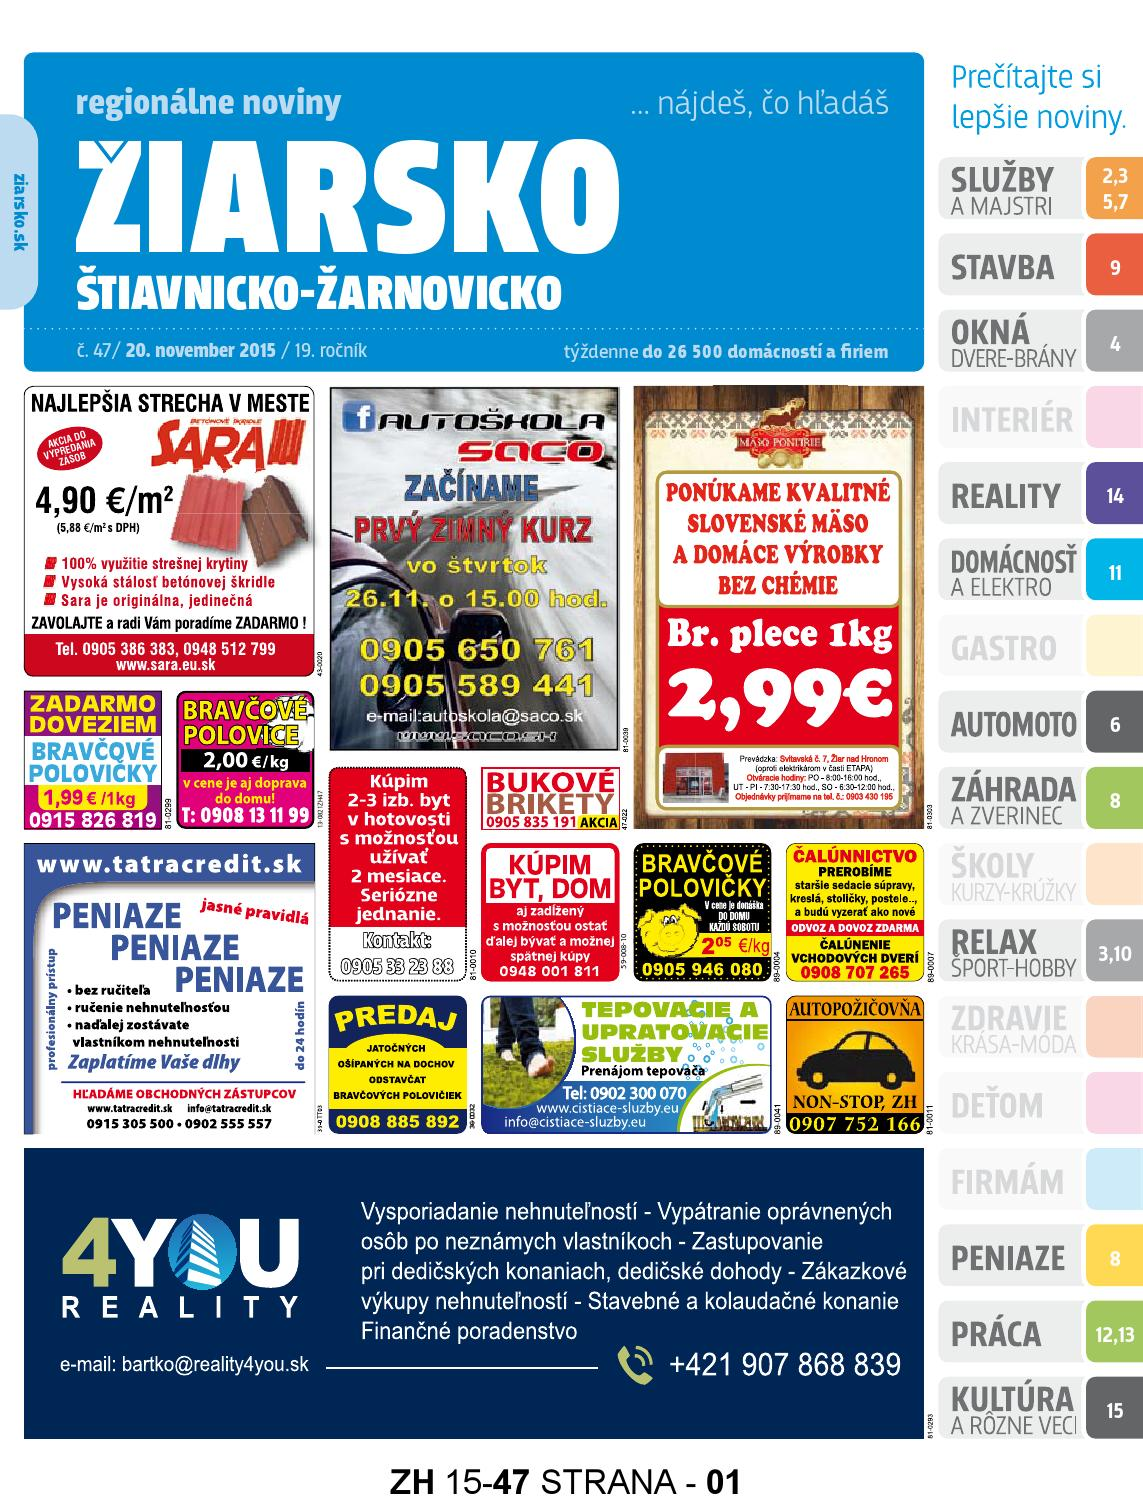 Slovenský internet ponúka pri zadaní hesla gay zoznamka hneď niekoľko webových.